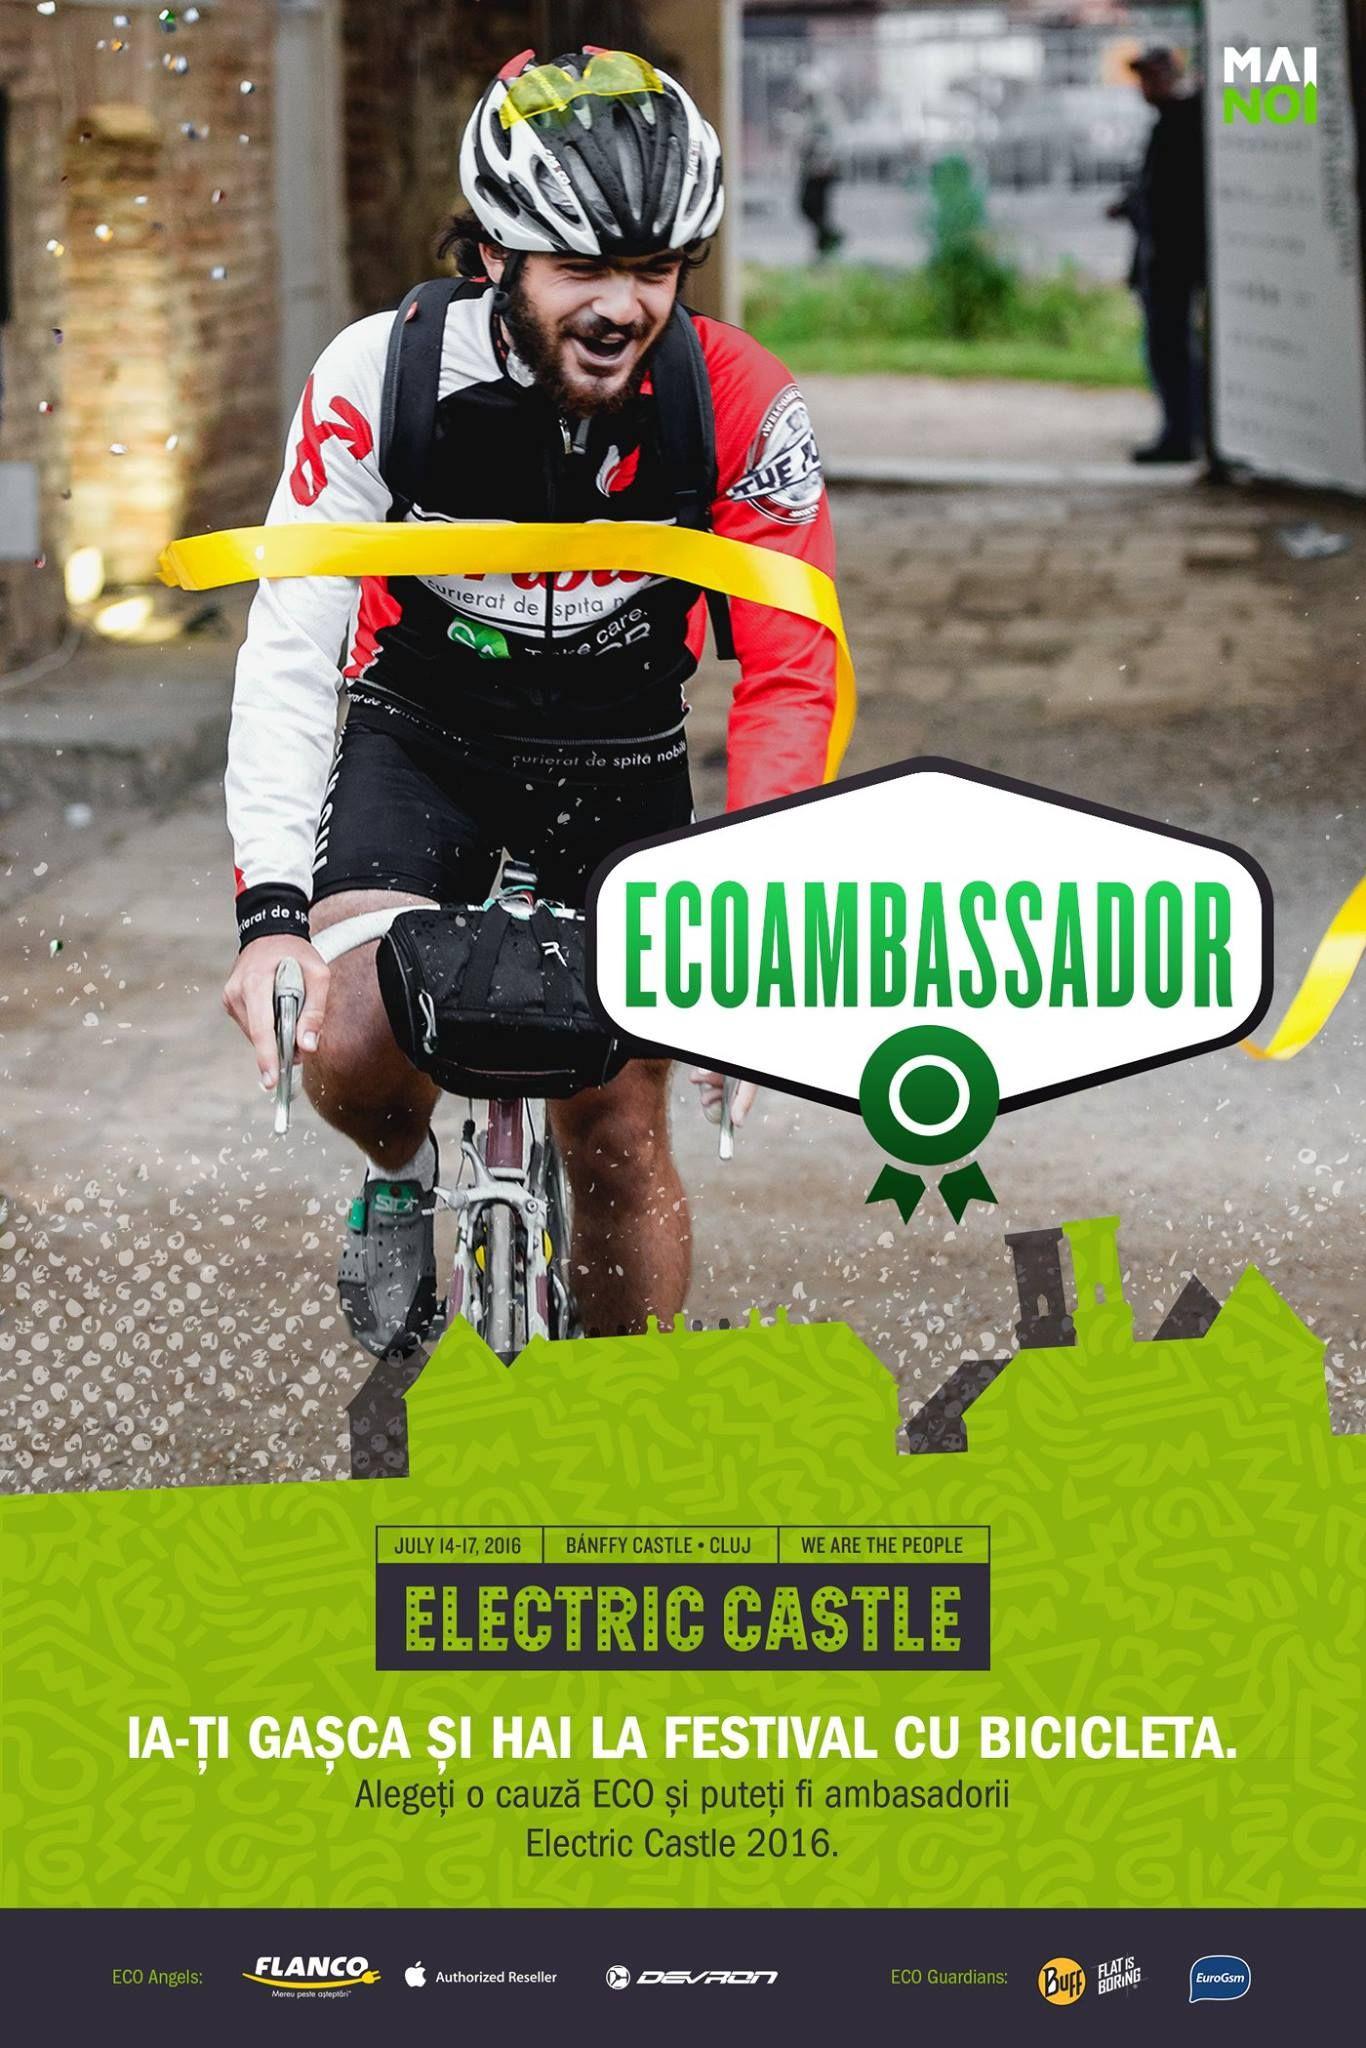 Electric Castle caută eco-ambasadori: Vino cu bicicleta la castelul Banffy din Bontida de la peste 250 de kilometri si intri gratuit la festival!